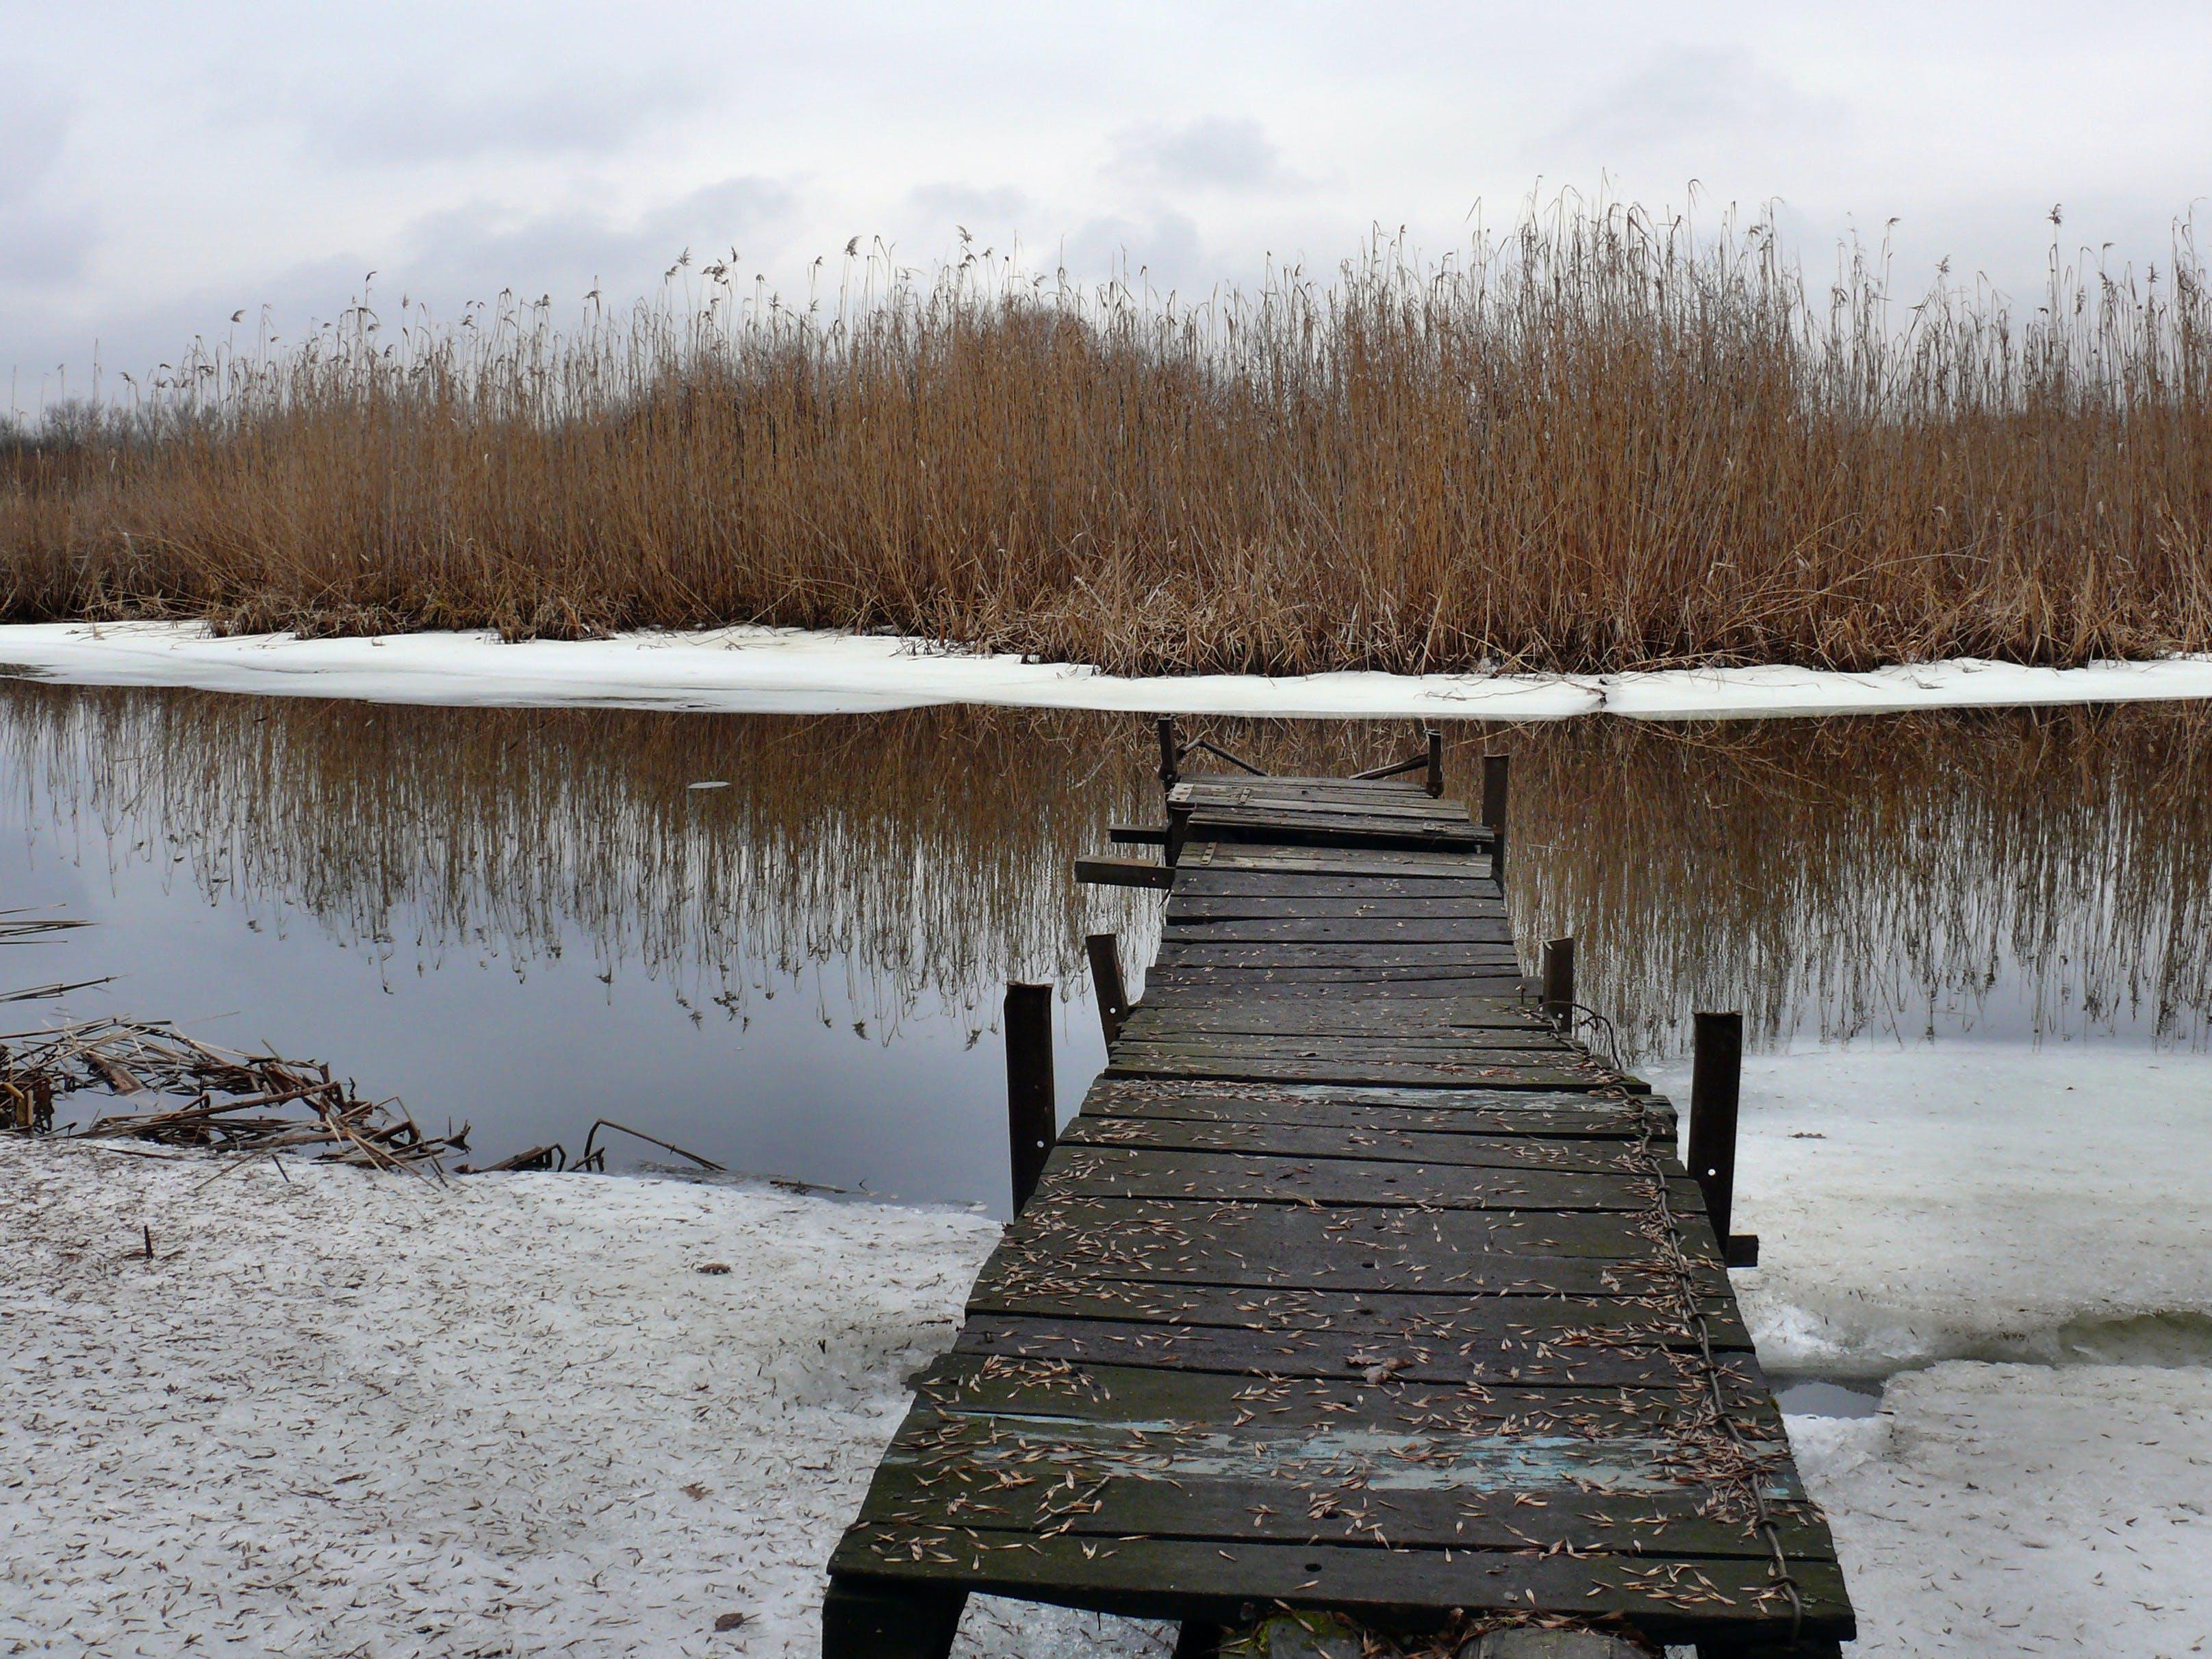 冬季, 冰, 冷, 反射 的 免费素材照片